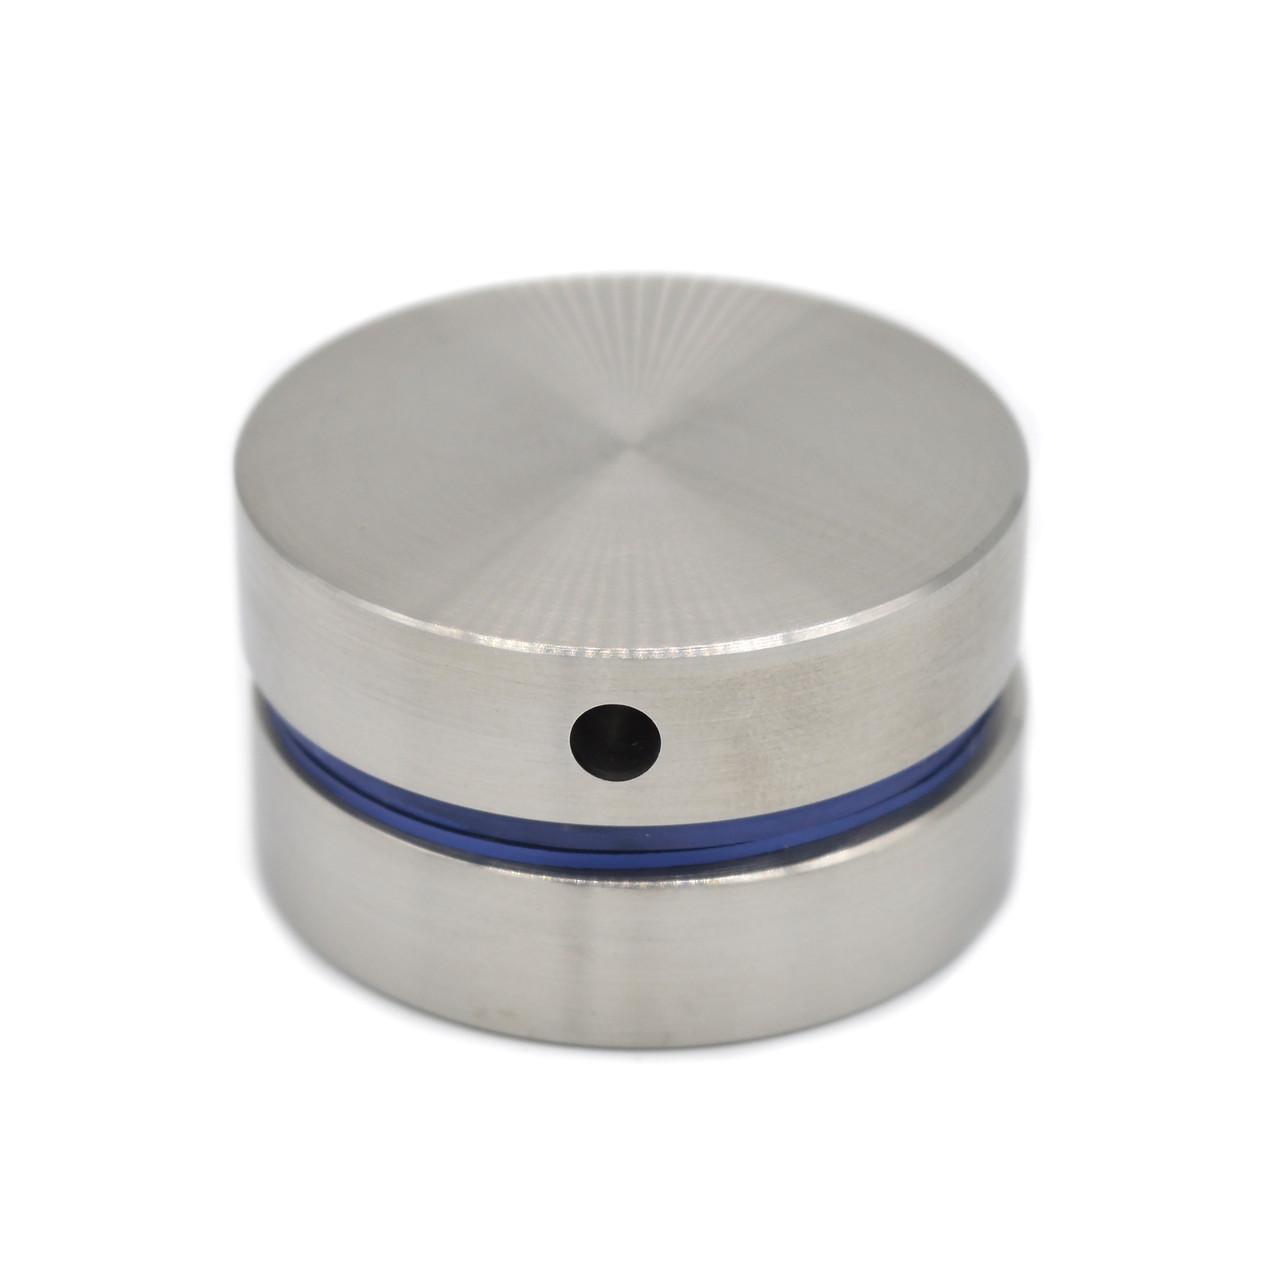 ODF-06-20-01-L10 Коннектор круглый d40 с дистанцией 10 мм с боковым отверстием М10